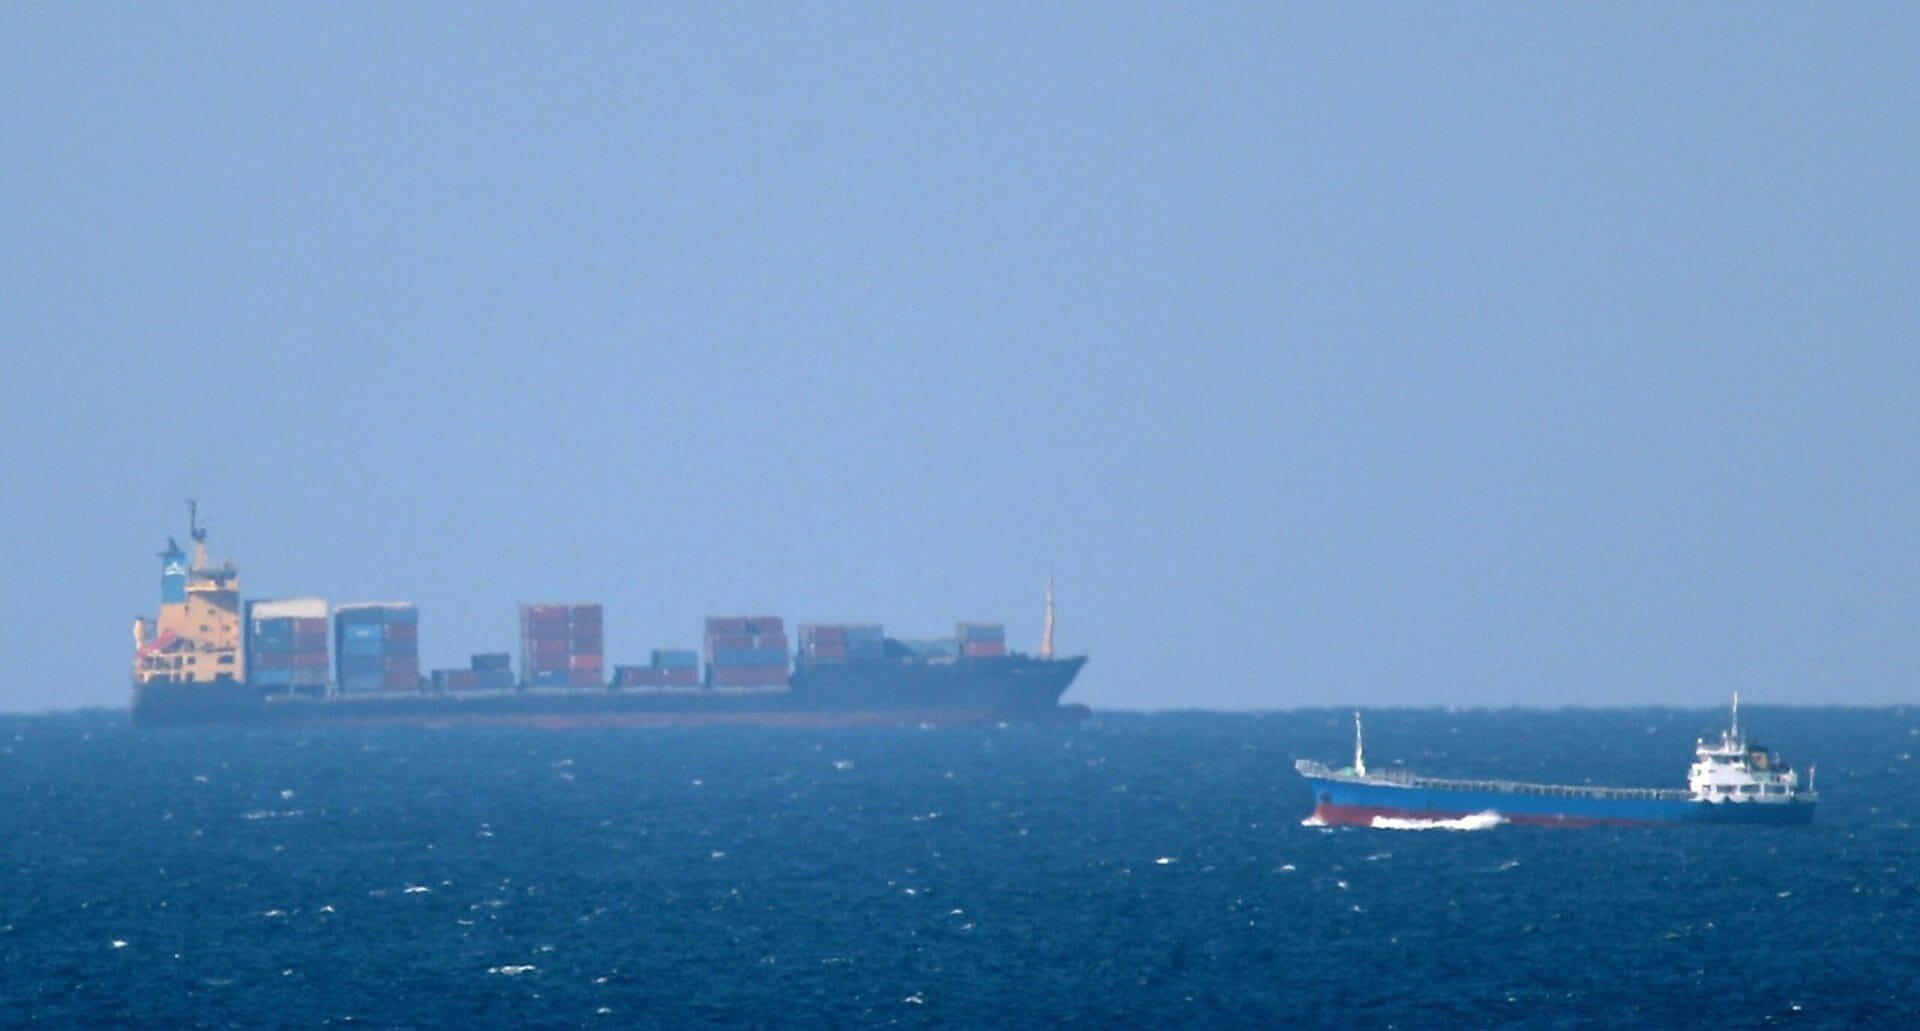 صاروخ موجه يستهدف سفينة إسرائيلية في بحر العرب